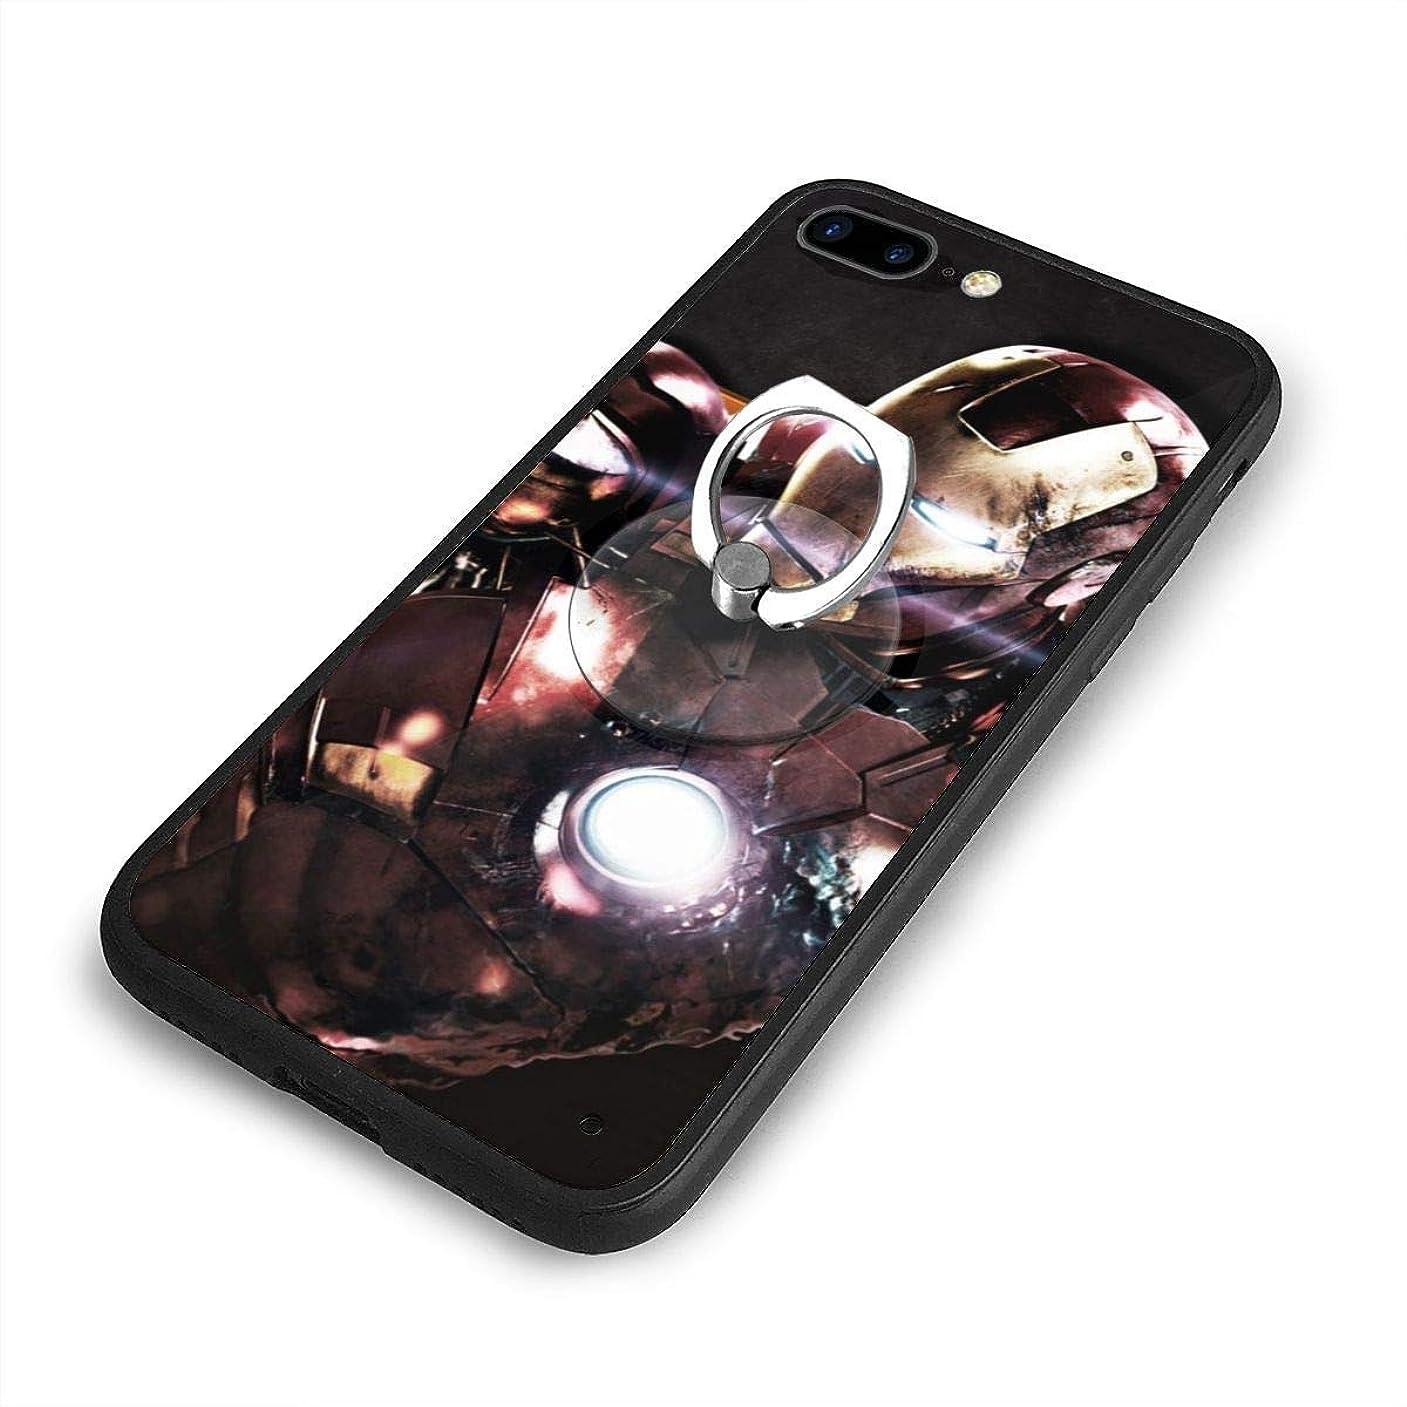 女性ファンブル結婚したアイアンマン Iron ManiPhone 7/8 Plusケースリングブラケット 携帯カバー 創意デザイン軽量 傷つけ防止 360°回転ブラケット 携帯ケース PC 衝撃防止 全面保護